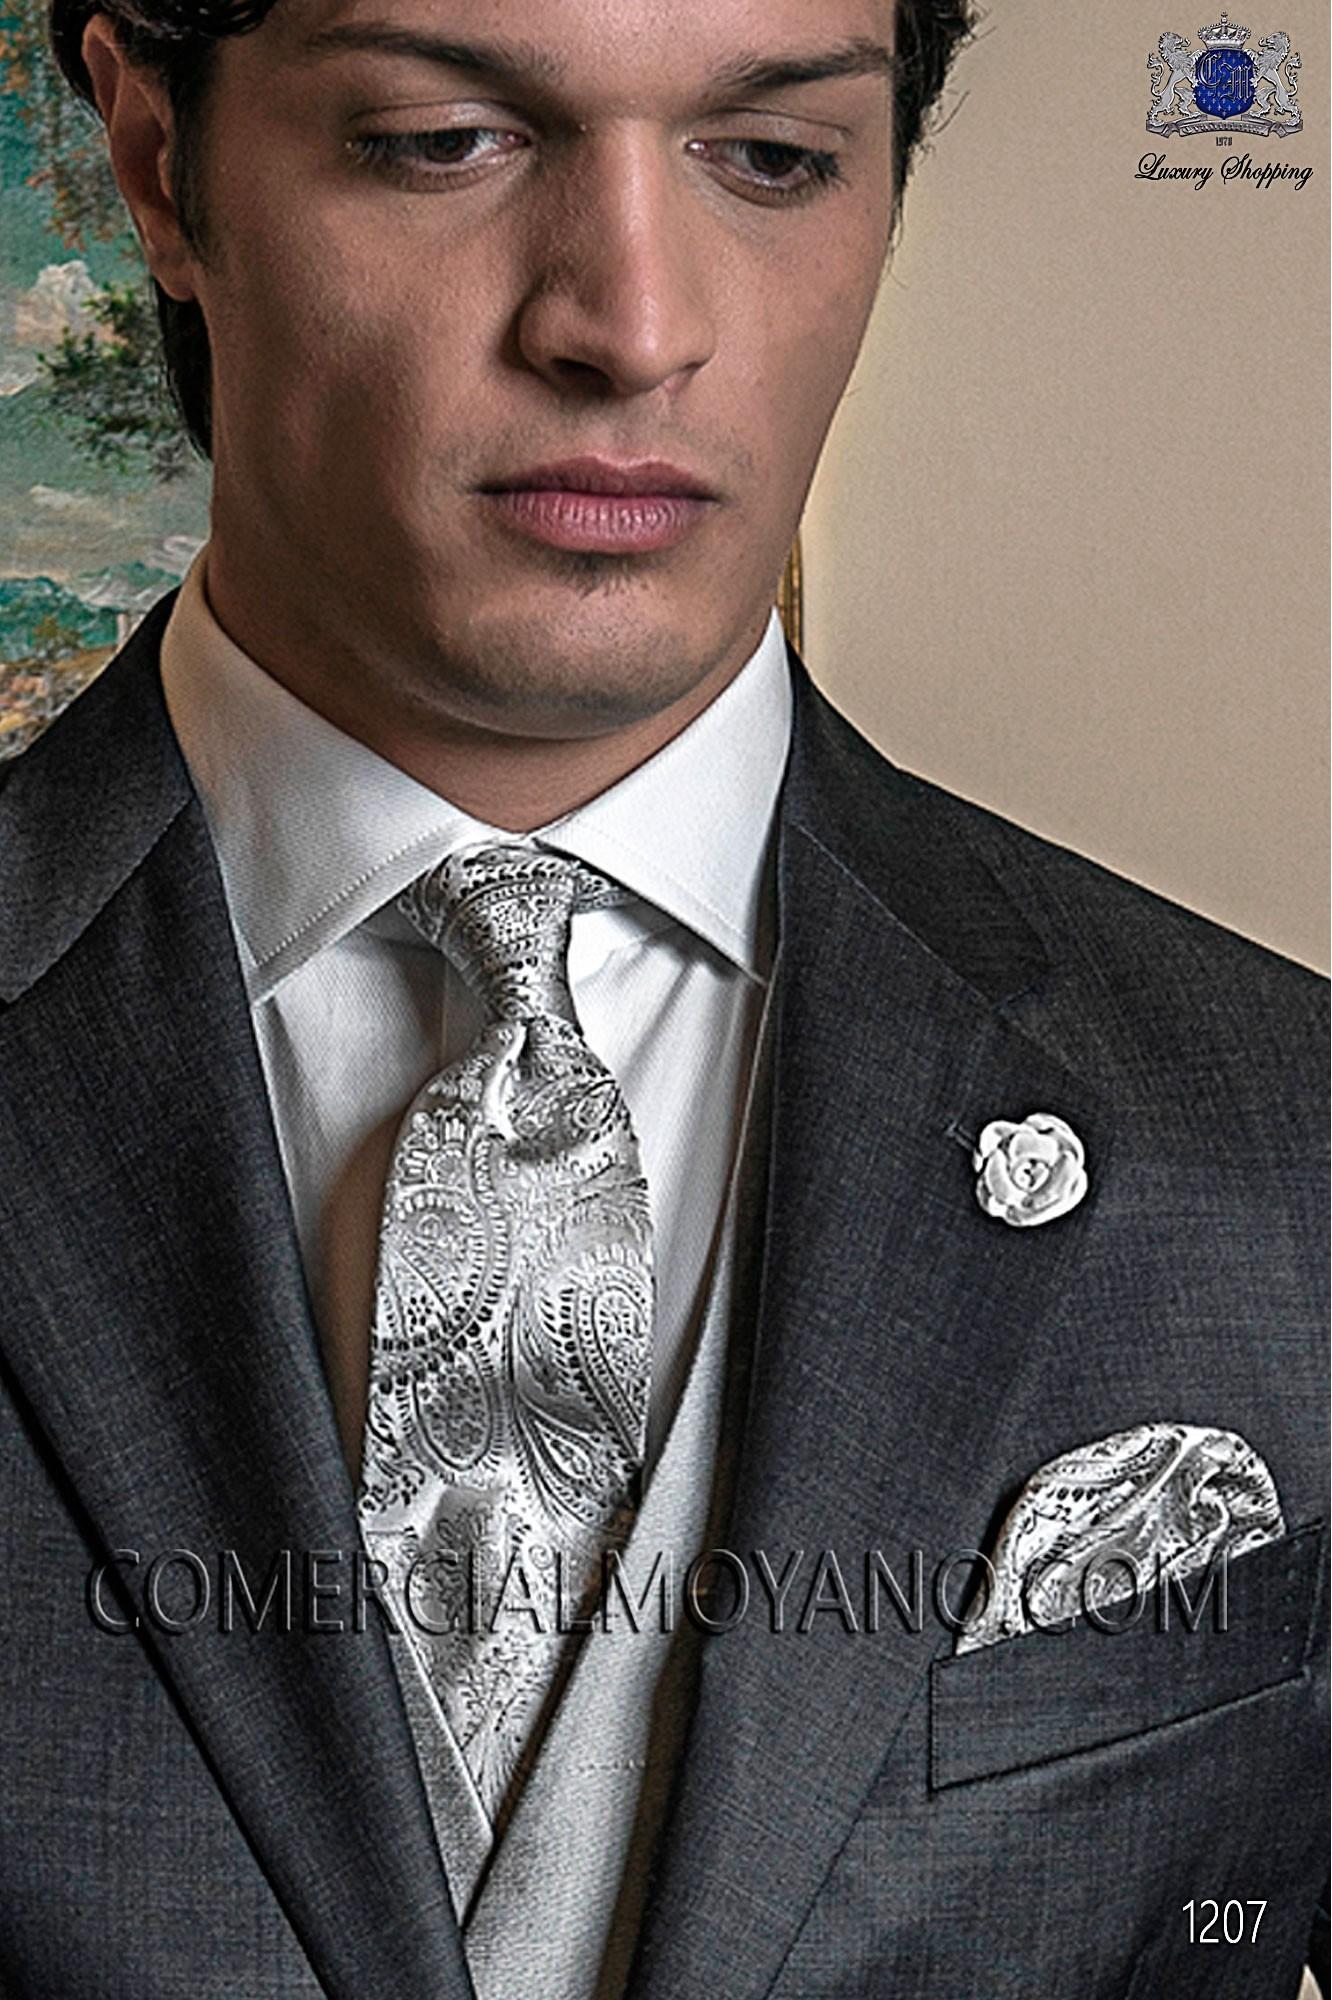 Traje Gentleman de novio gris modelo: 1207 Ottavio Nuccio Gala colección Gentleman